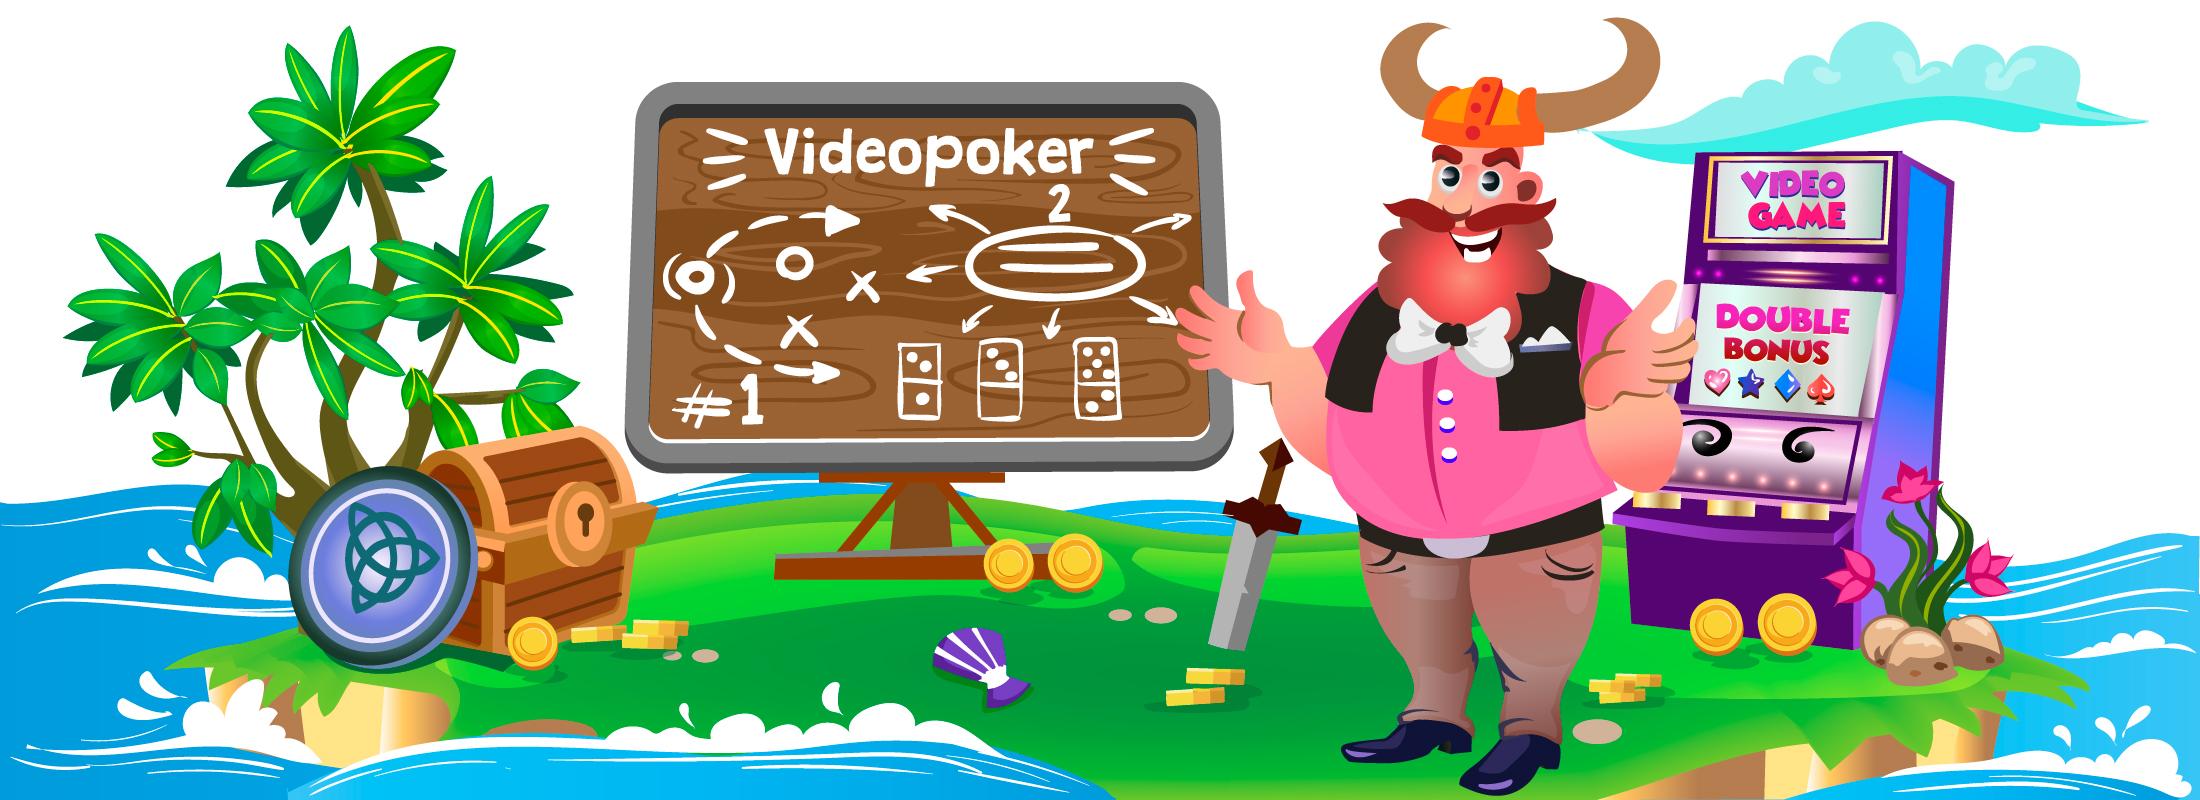 Kurs 7: Videopoker